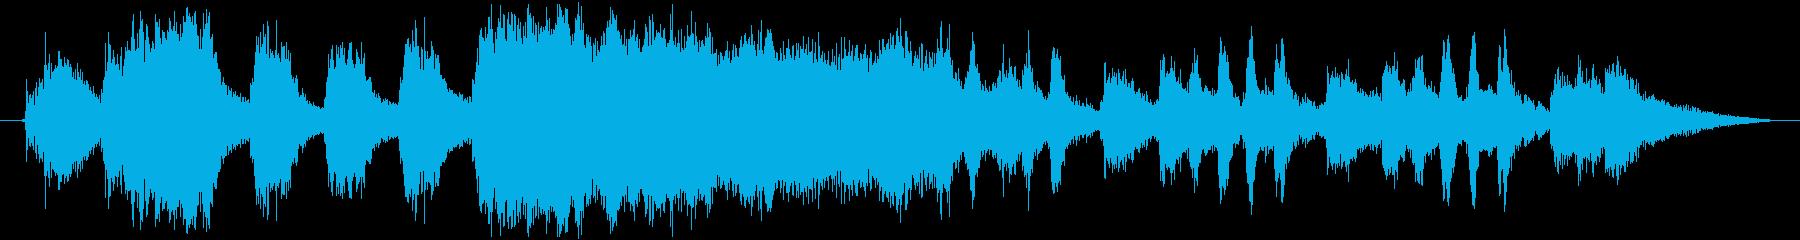 琴を使用した和風オープニング曲の再生済みの波形